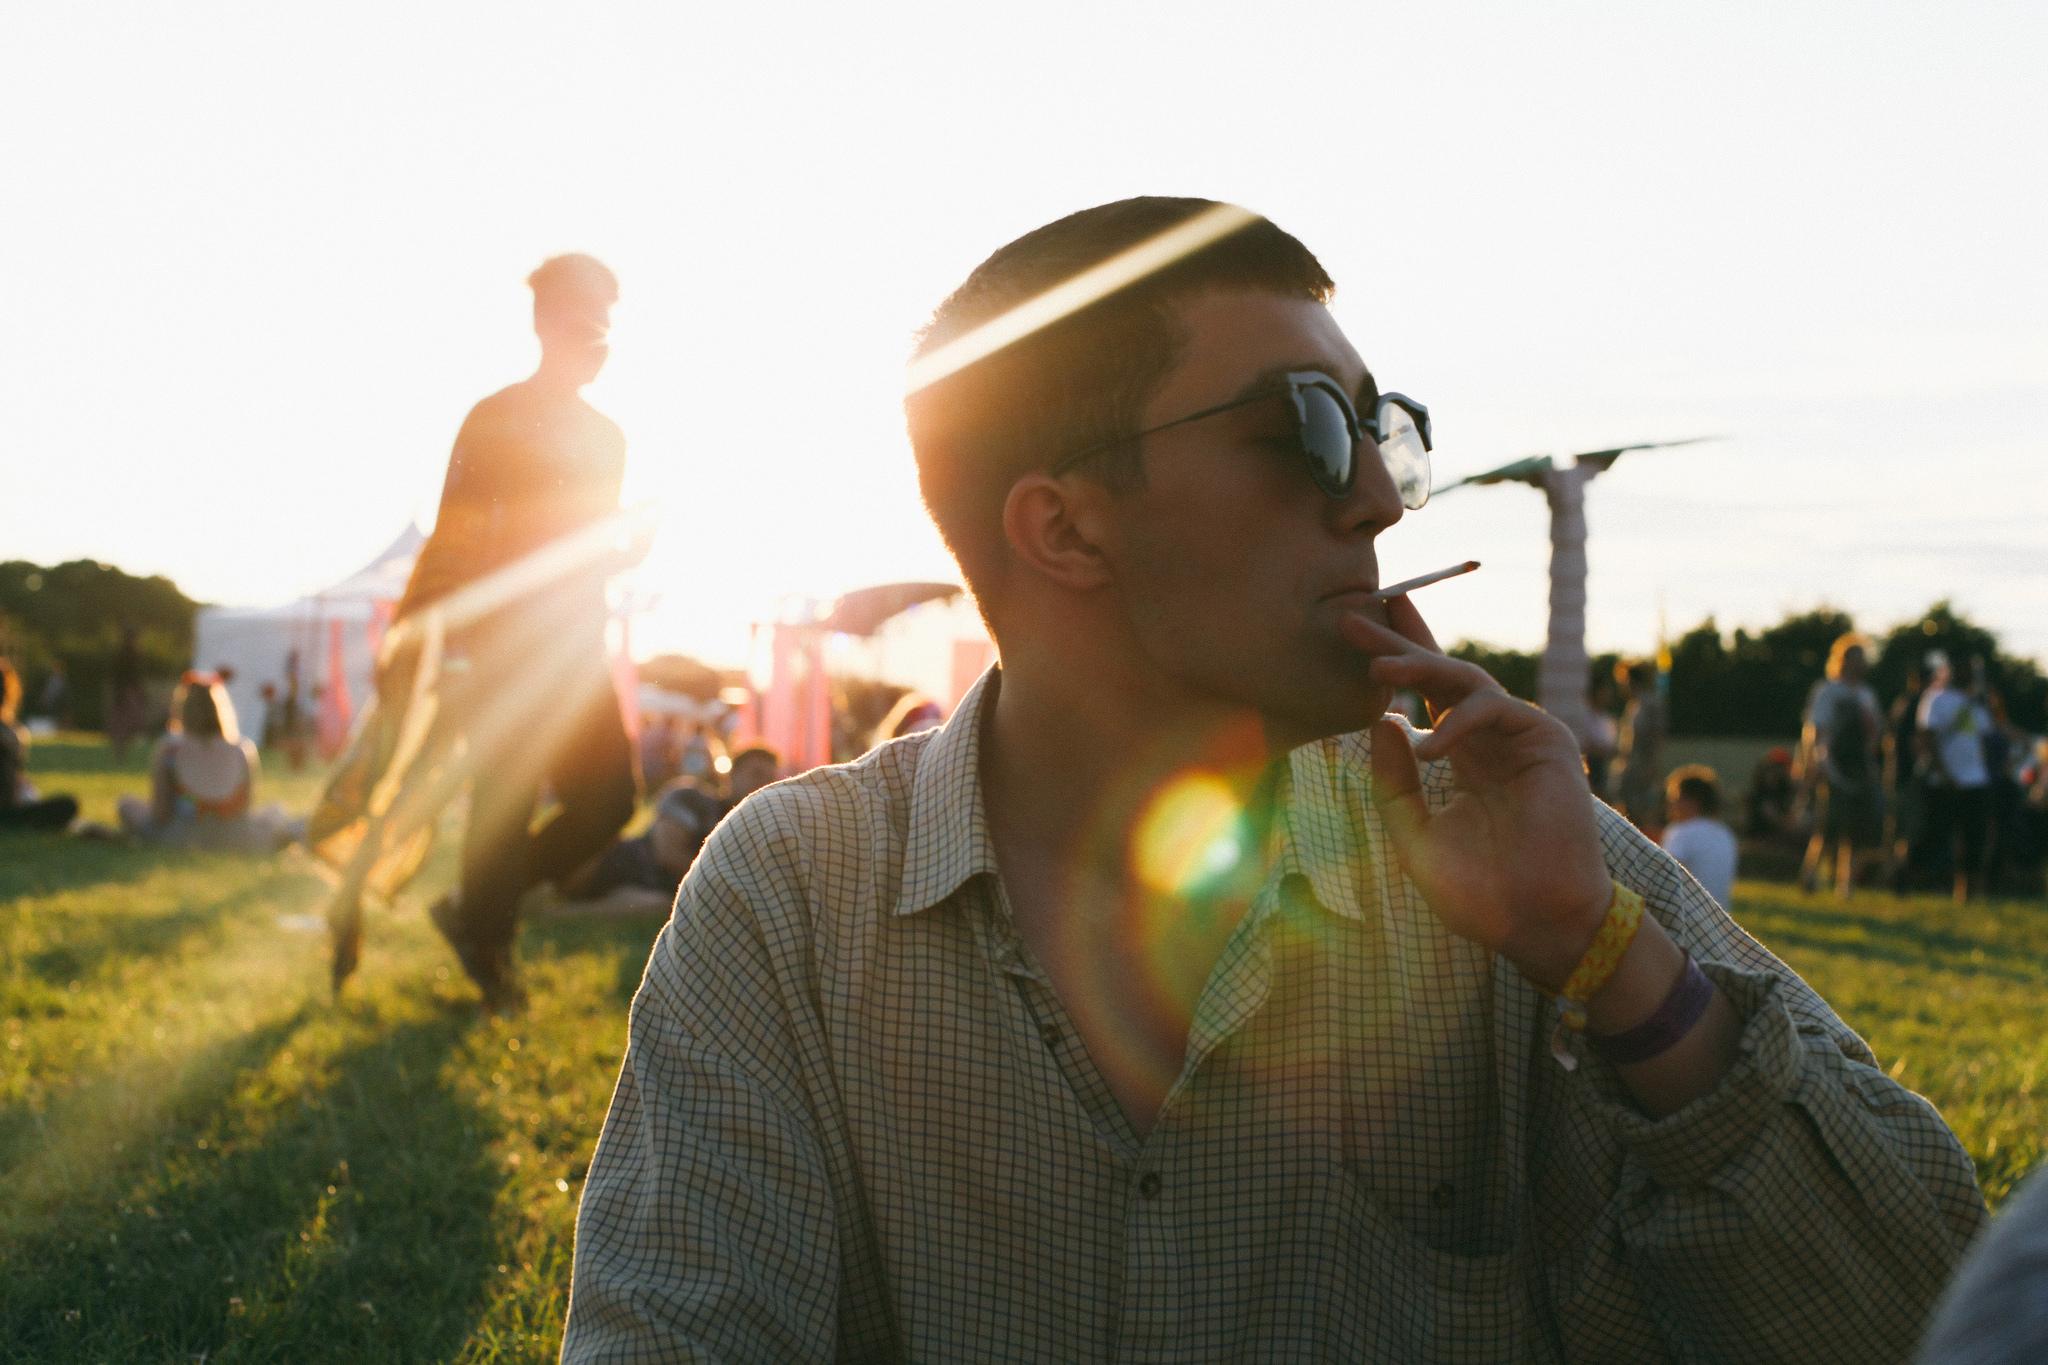 Scott at Brainchild Festival.